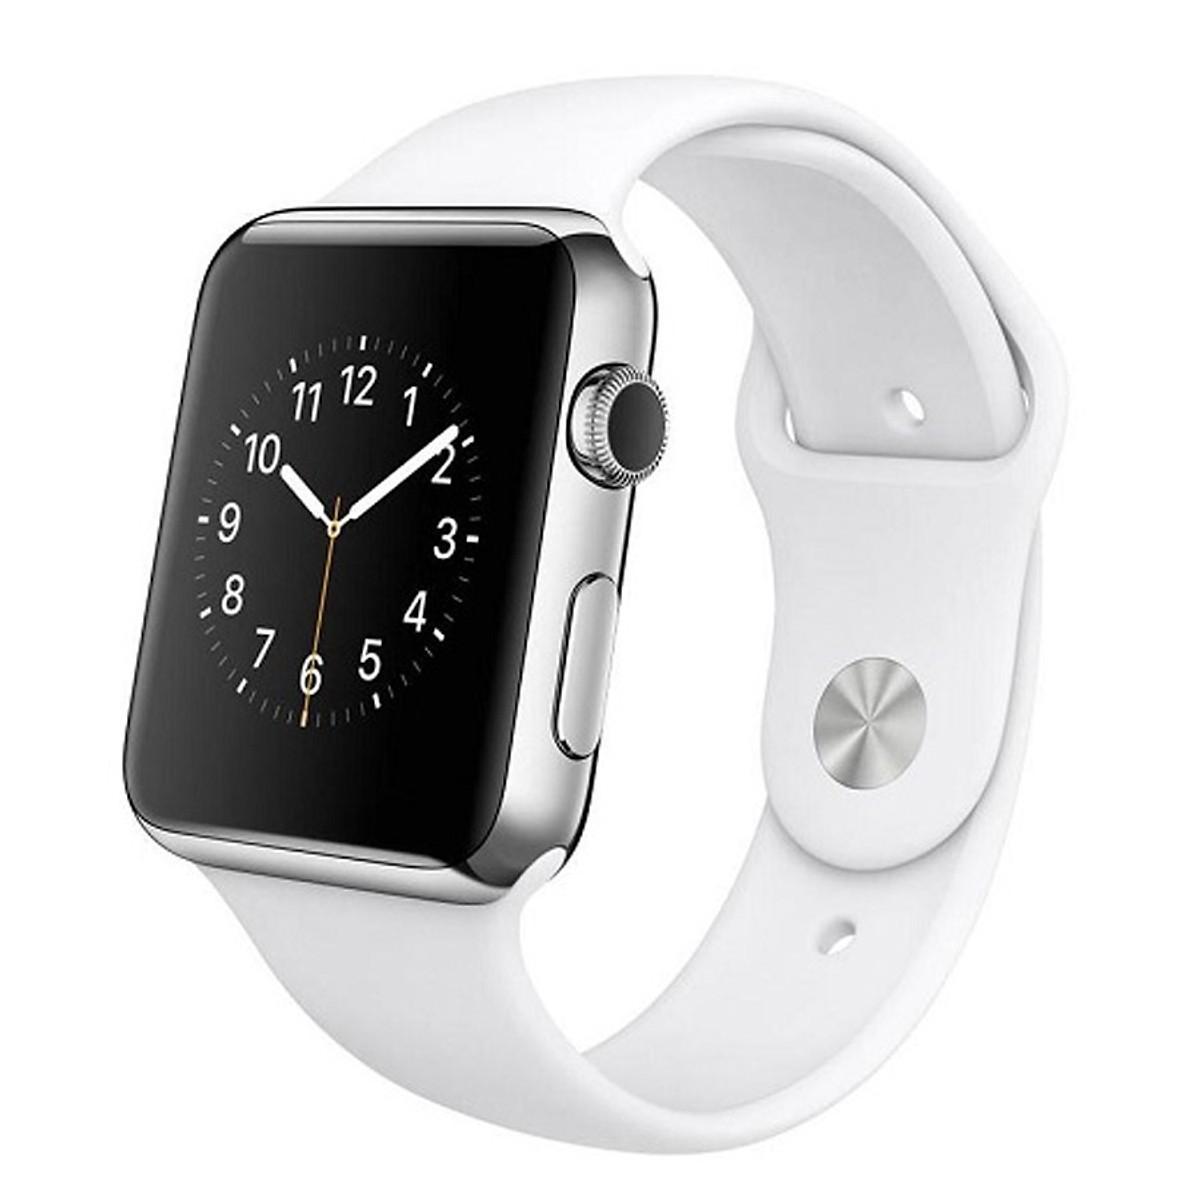 Đồng hồ thông minh A1 cho bé tặng thẻ nhớ 16GB bán chạy